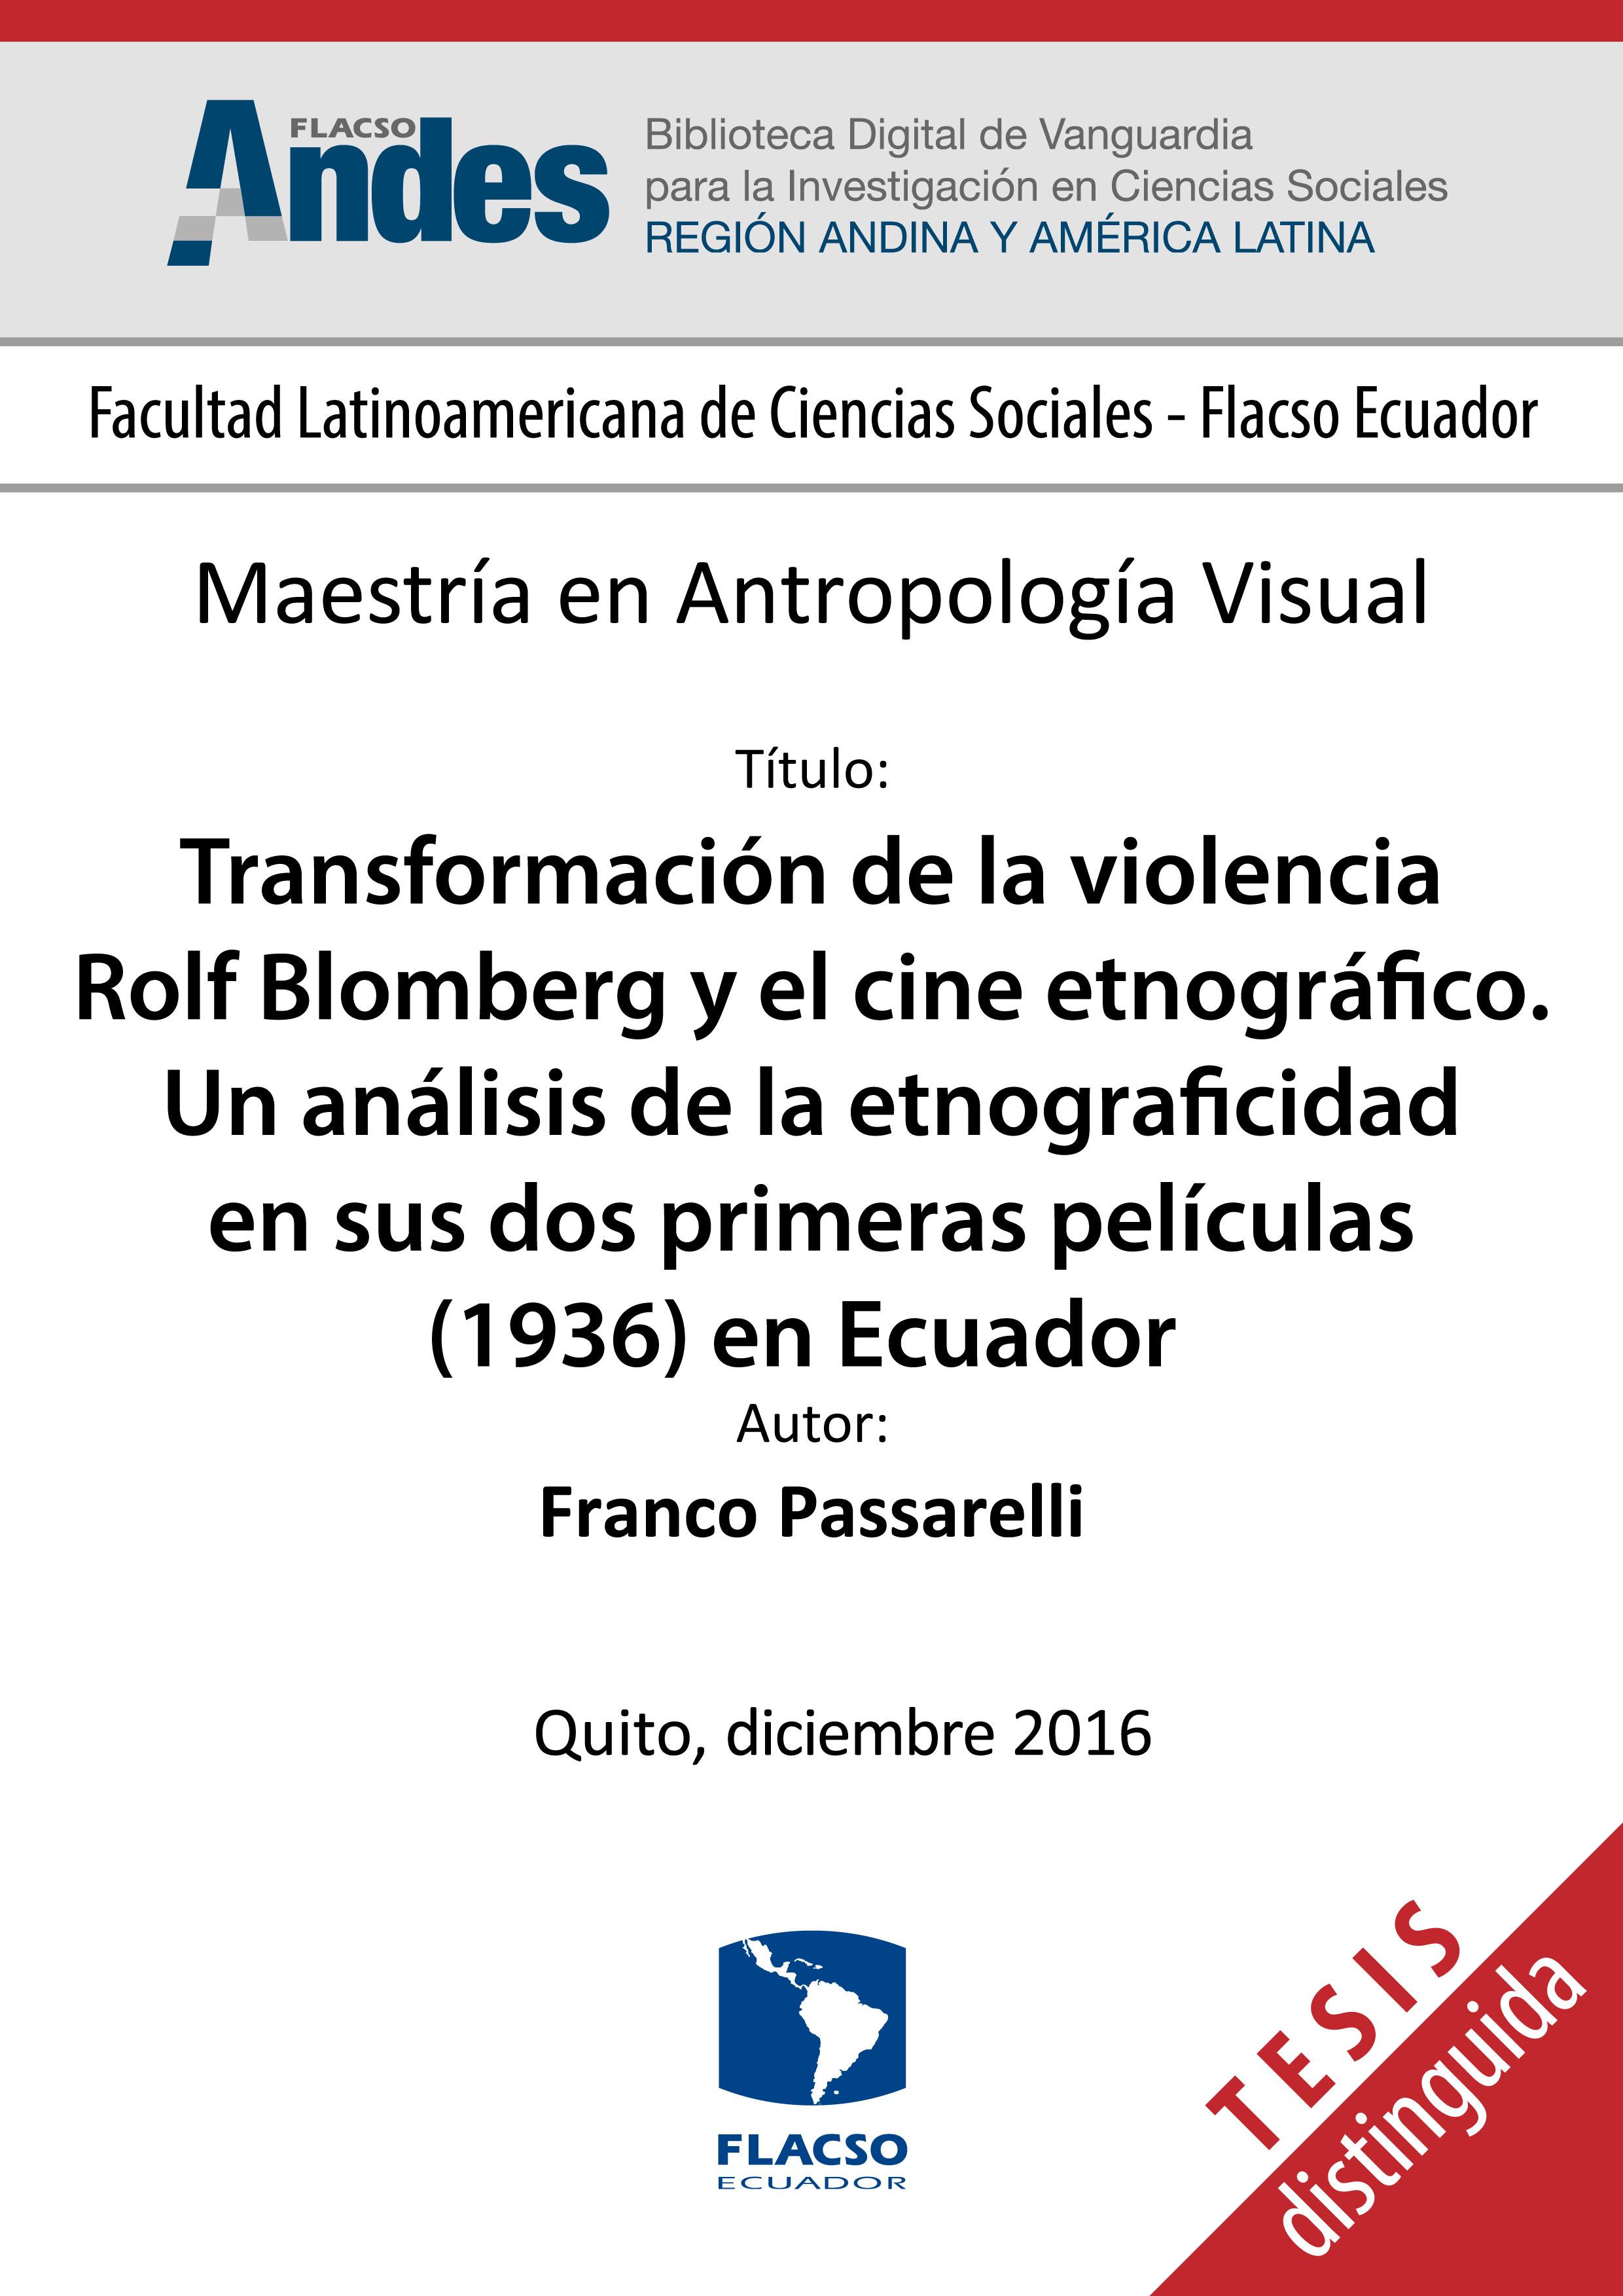 Rolf Blomberg y el cine etnográfico. Un análisis de la etnograficidad en sus dos primeras películas (1936) en Ecuador.